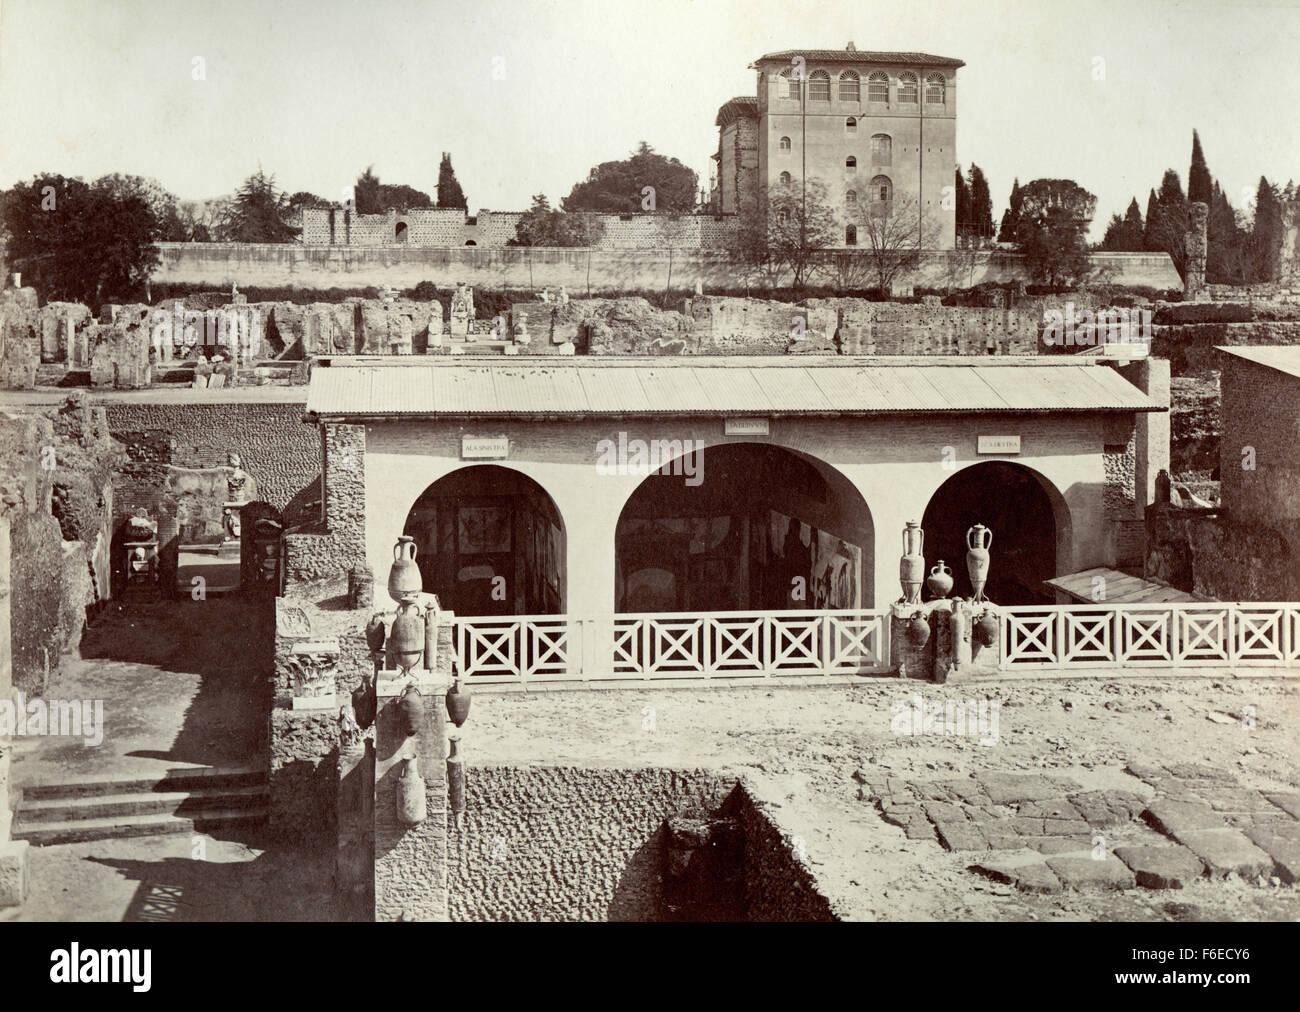 Palacio de los césares, casa paterna de Tiberio, Roma, Italia Imagen De Stock